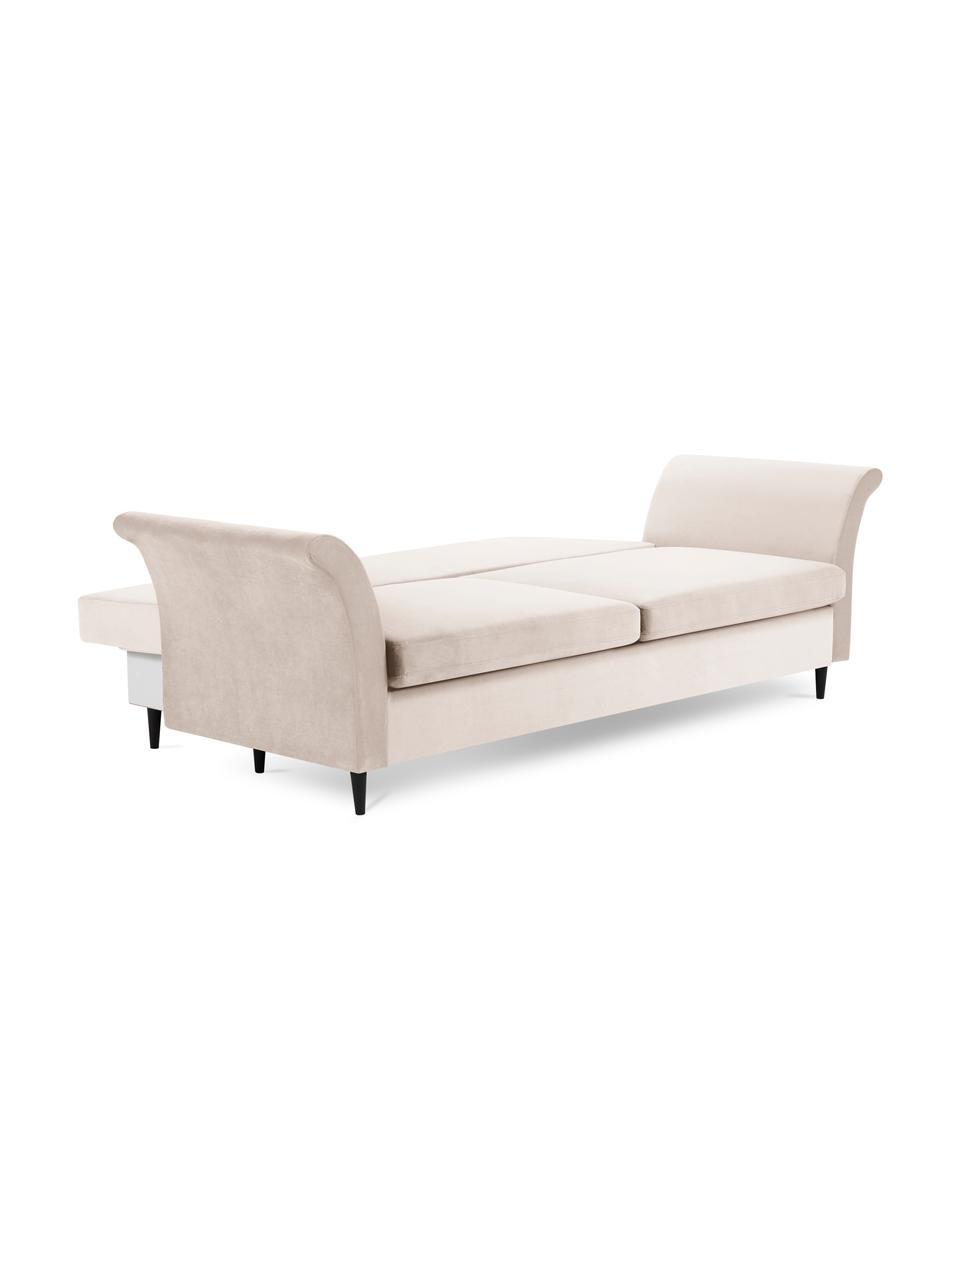 Sofa rozkładana z aksamitu Lola (3-osobowa), Beżowy, S 245 x G 95 cm